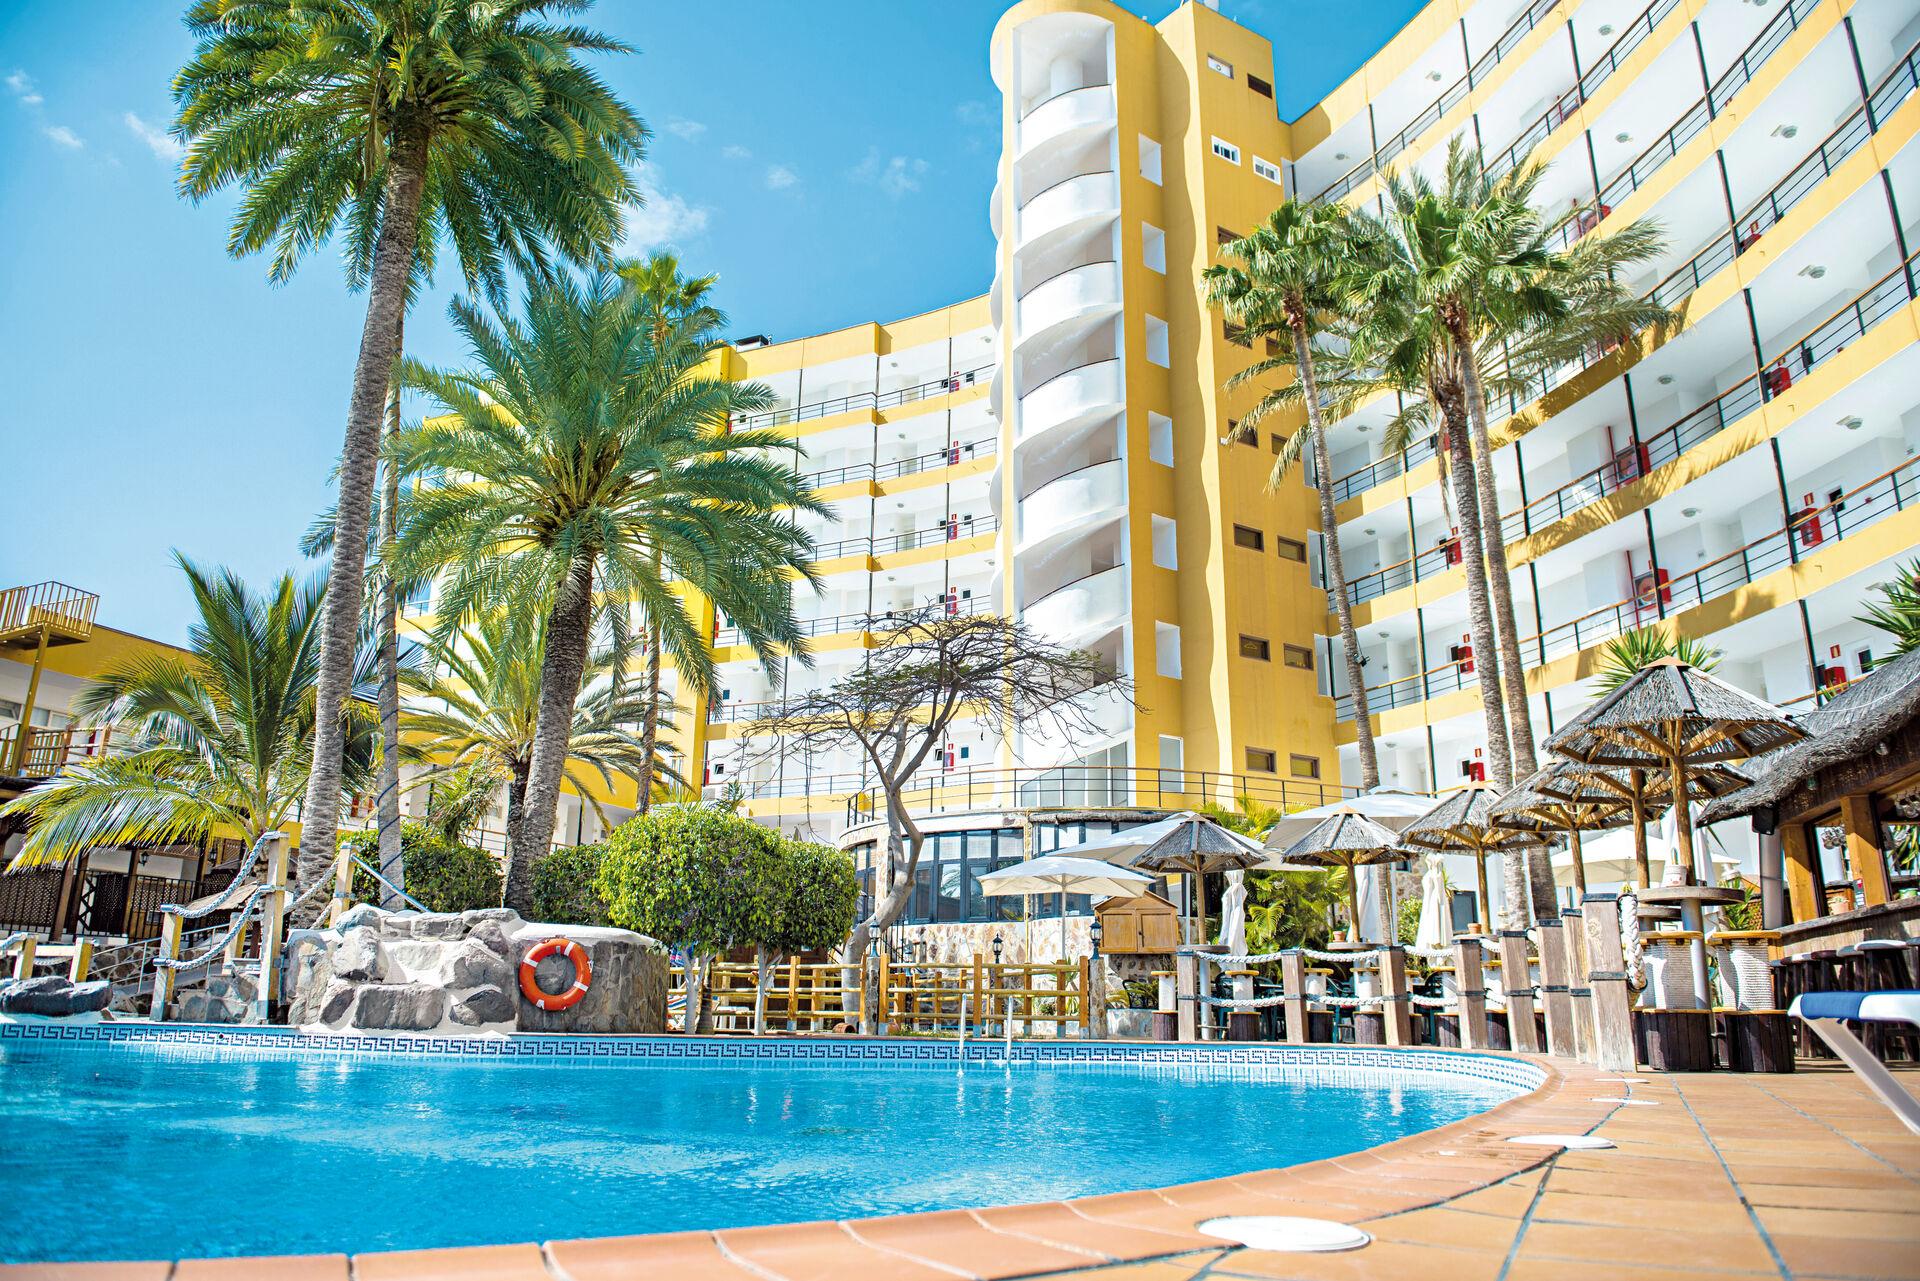 Séjour Las Palmas - Aparthotel Maritim Playa - 3*